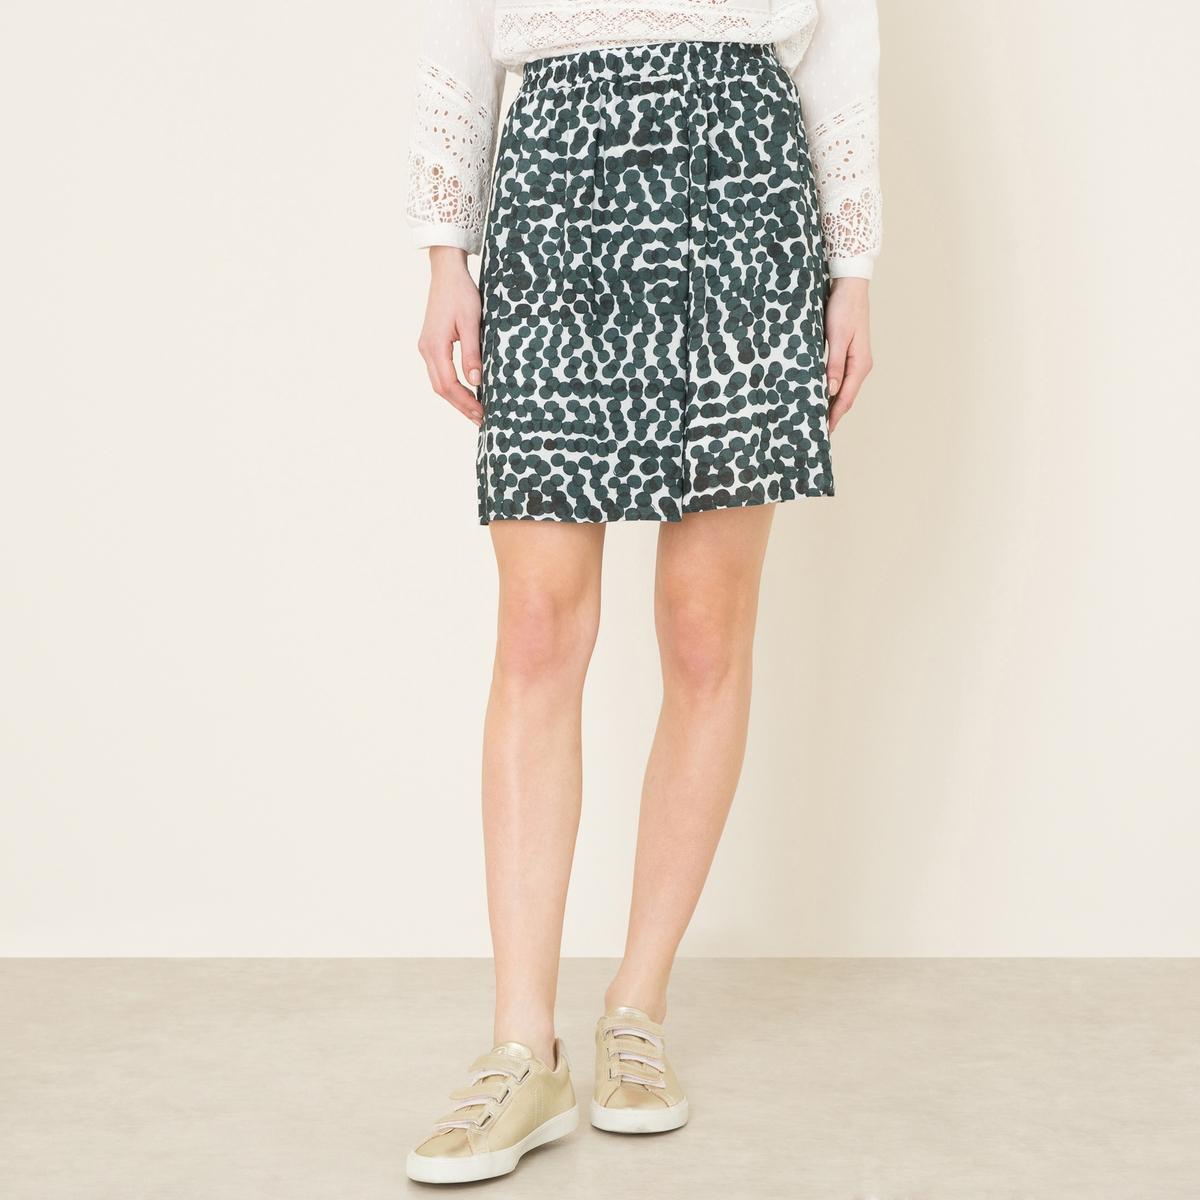 Юбка с рисункомКороткая юбка HARTFORD - с рисунком, из струящейся вискозы. Эластичный пояс. Складки спереди. 2 кармана в боковых швах. На подкладке. Состав и описание Материал : 100% вискозаПодкладка 100% вискозаДлина : 48 см. для размера 36Марка : HARTFORD<br><br>Цвет: набивной рисунок